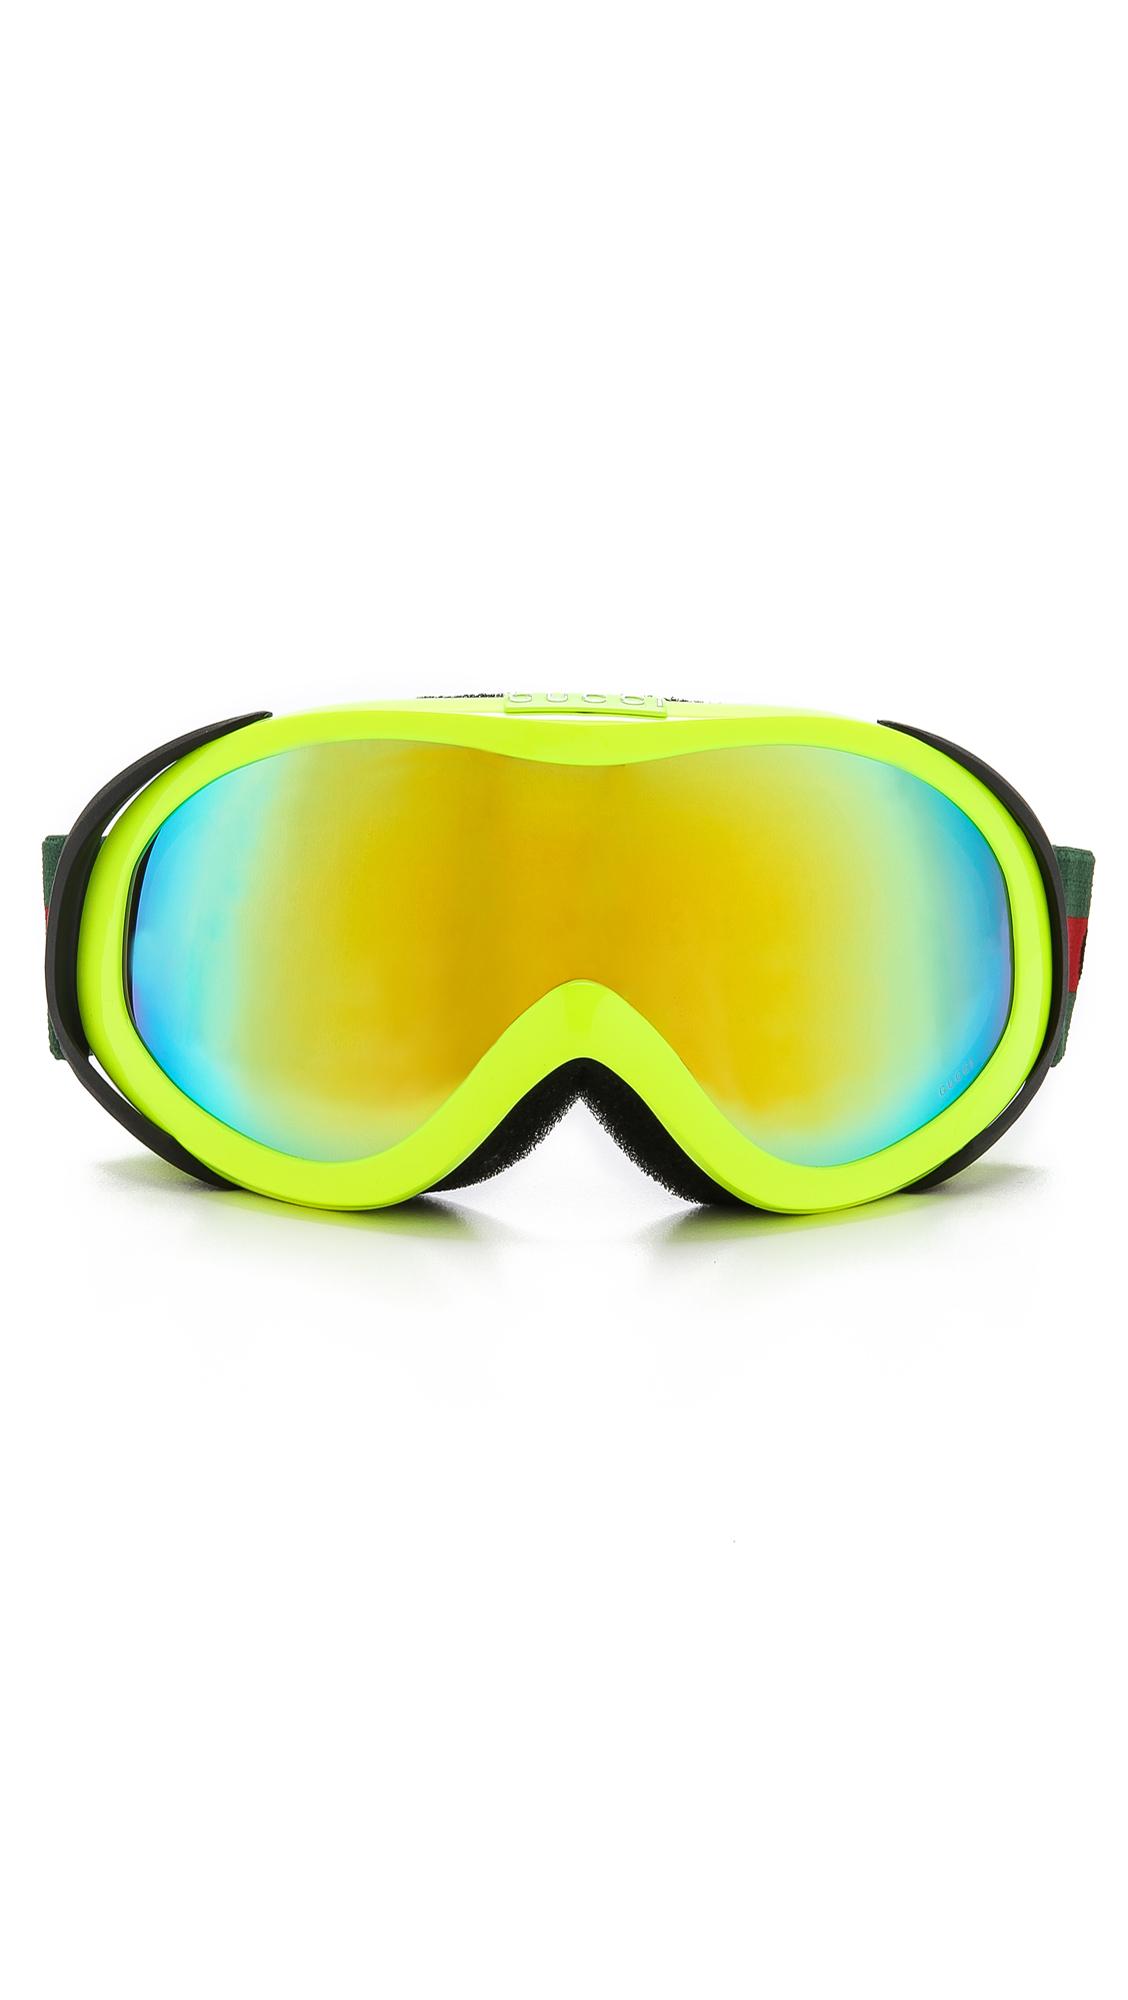 5d1a9e0085e4 Gucci Ski Goggles with Fluorescent Lens